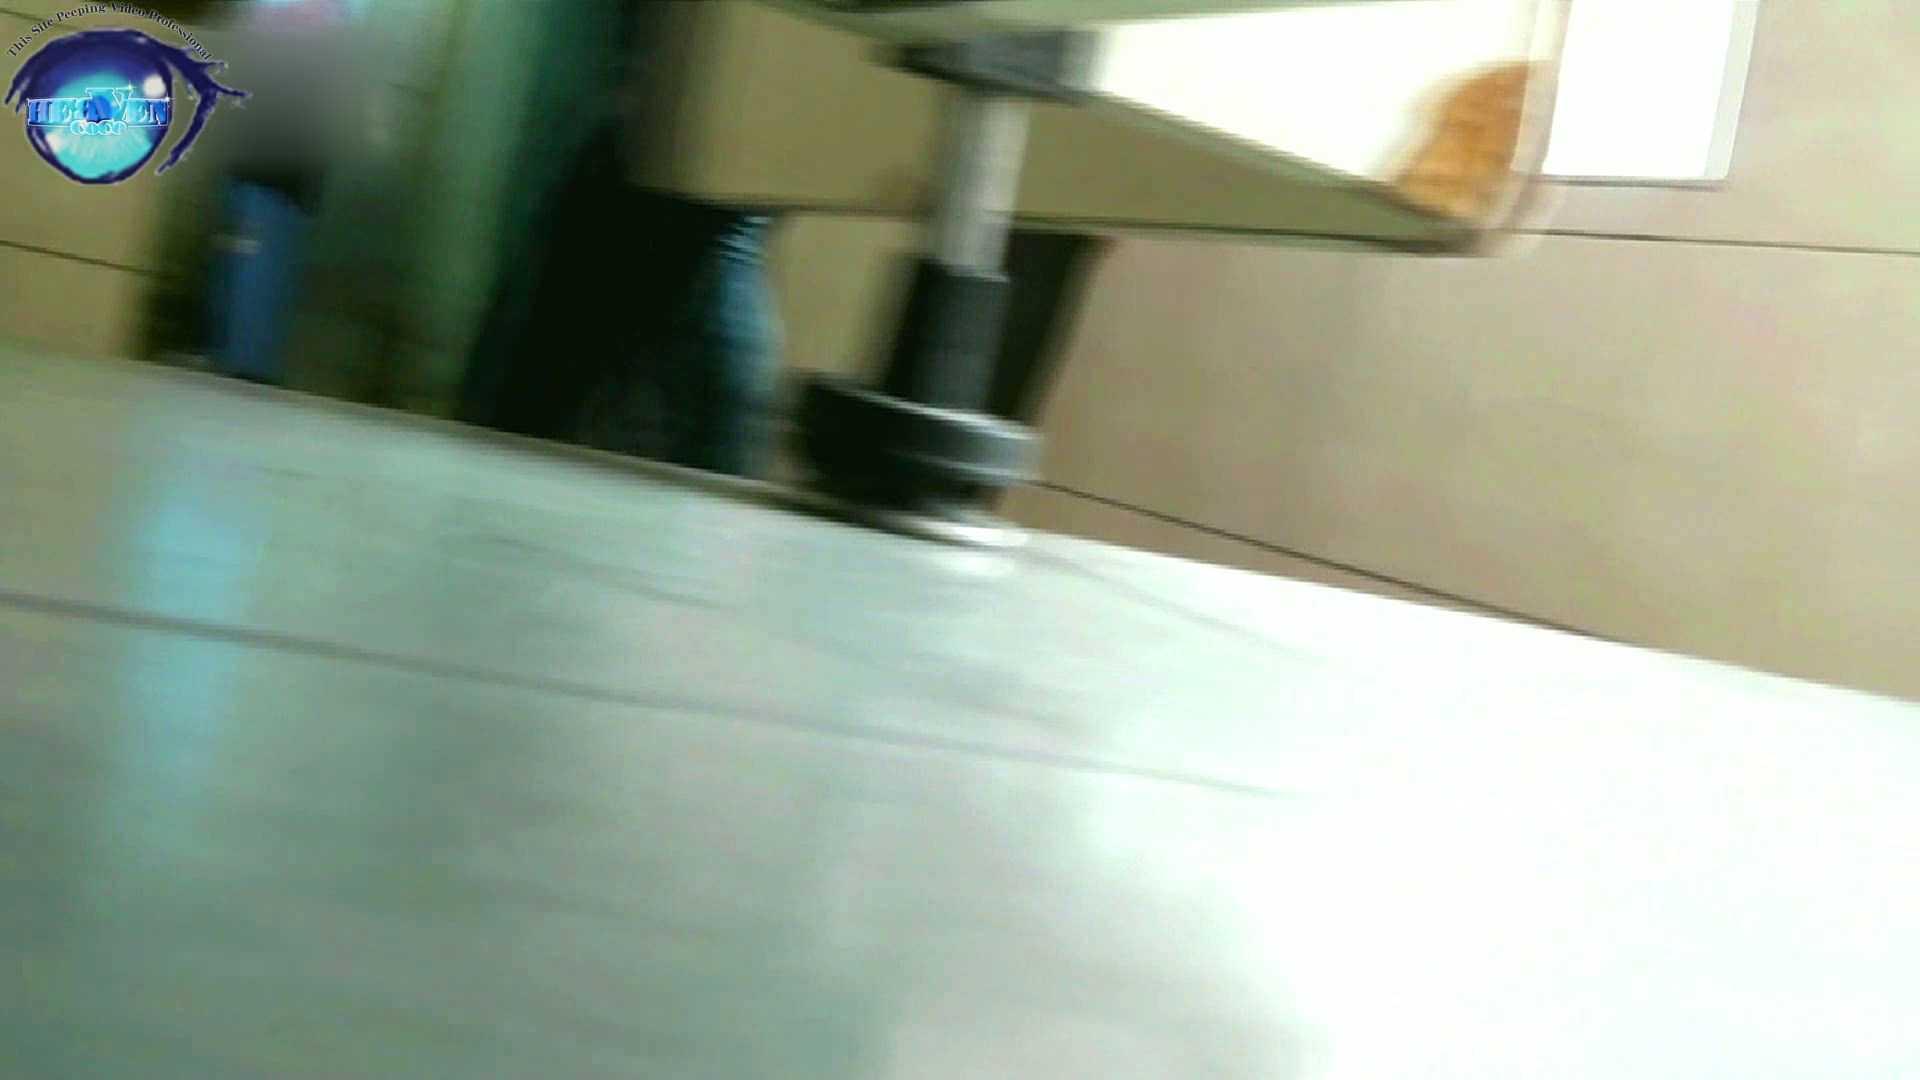 世界の射窓から vol.29 後編 洗面所 | OLのエロ生活  90連発 89